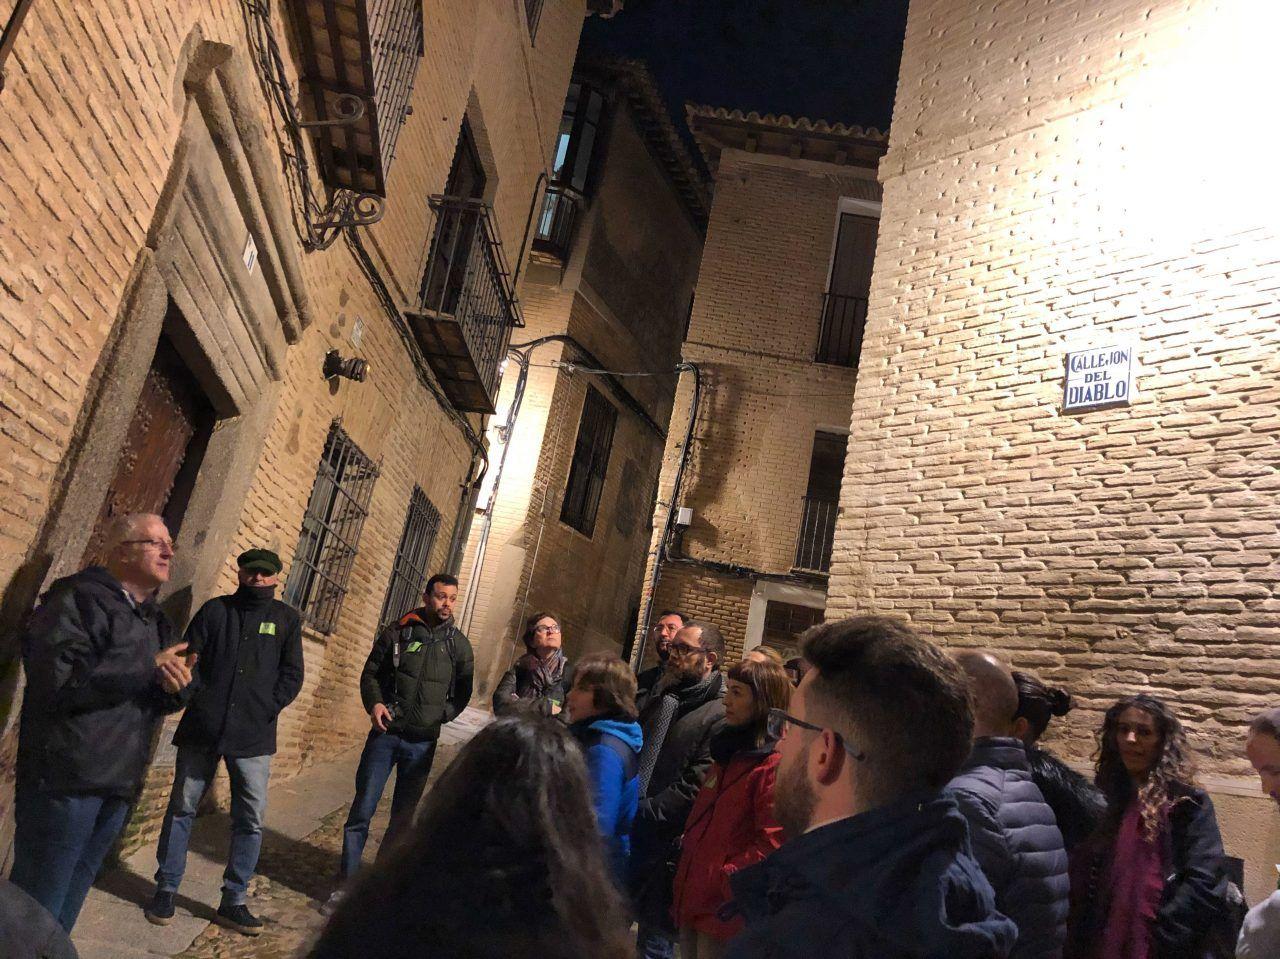 Ruta Toledo Mágico, un grupo anterior a la pandemia